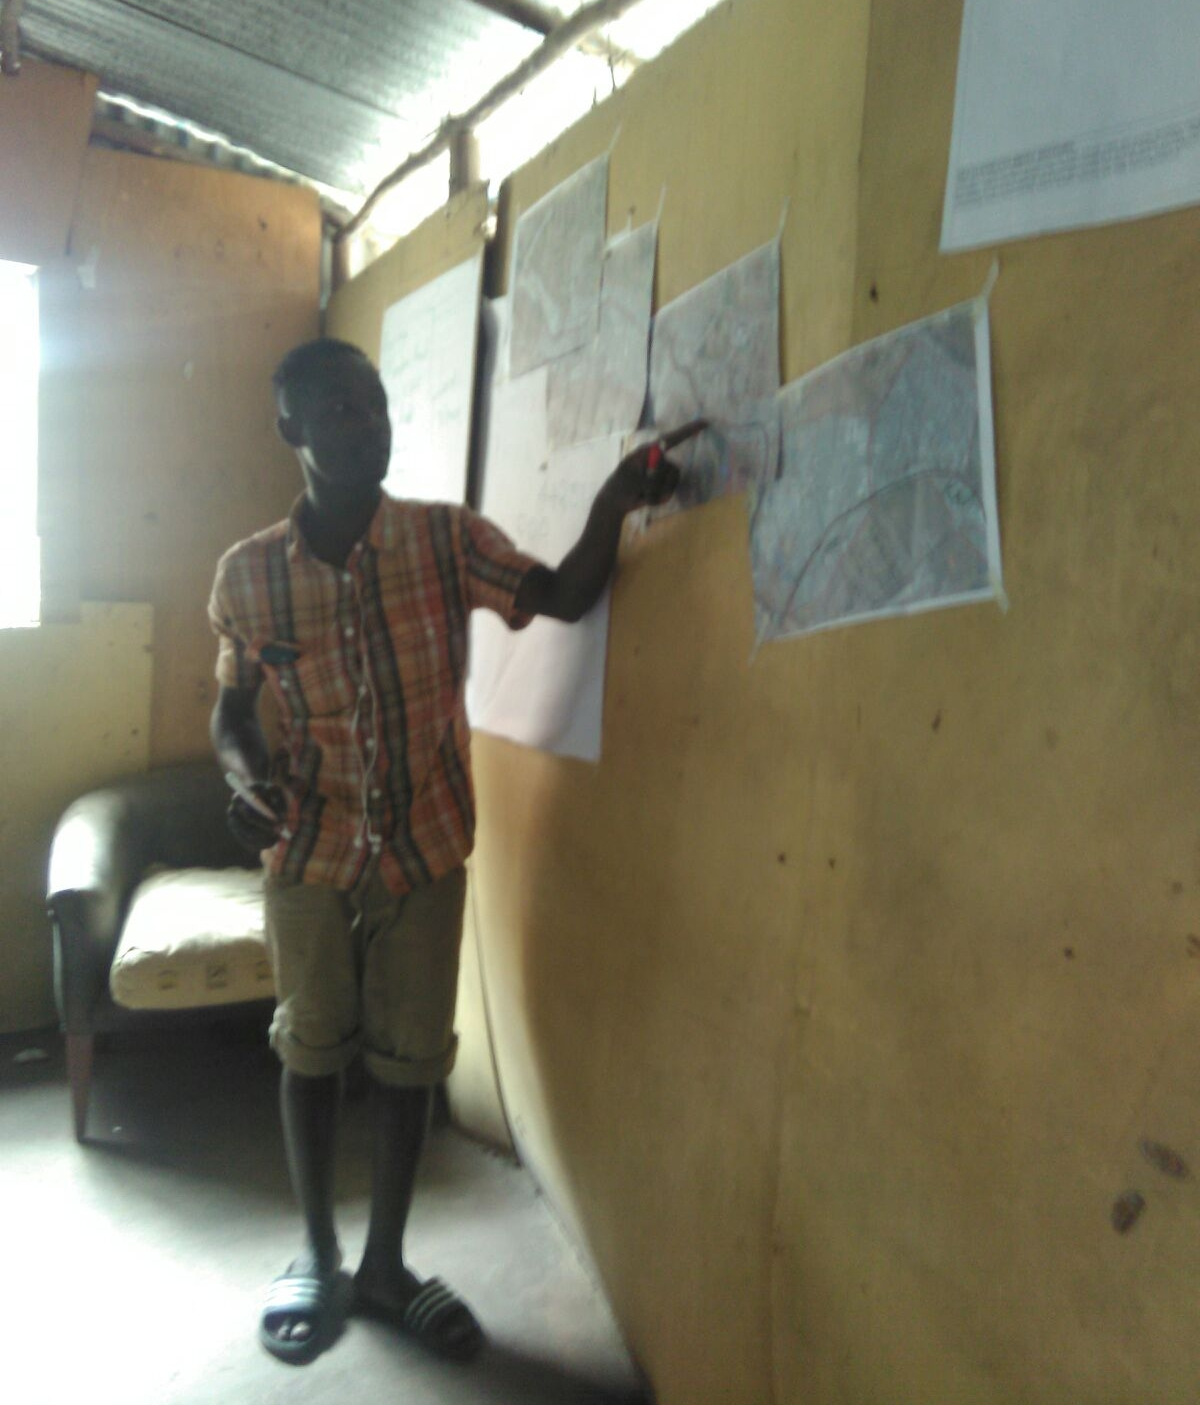 A youth from Mukuru Kayaba in Nairobi identifies some of the settlement boundaries.